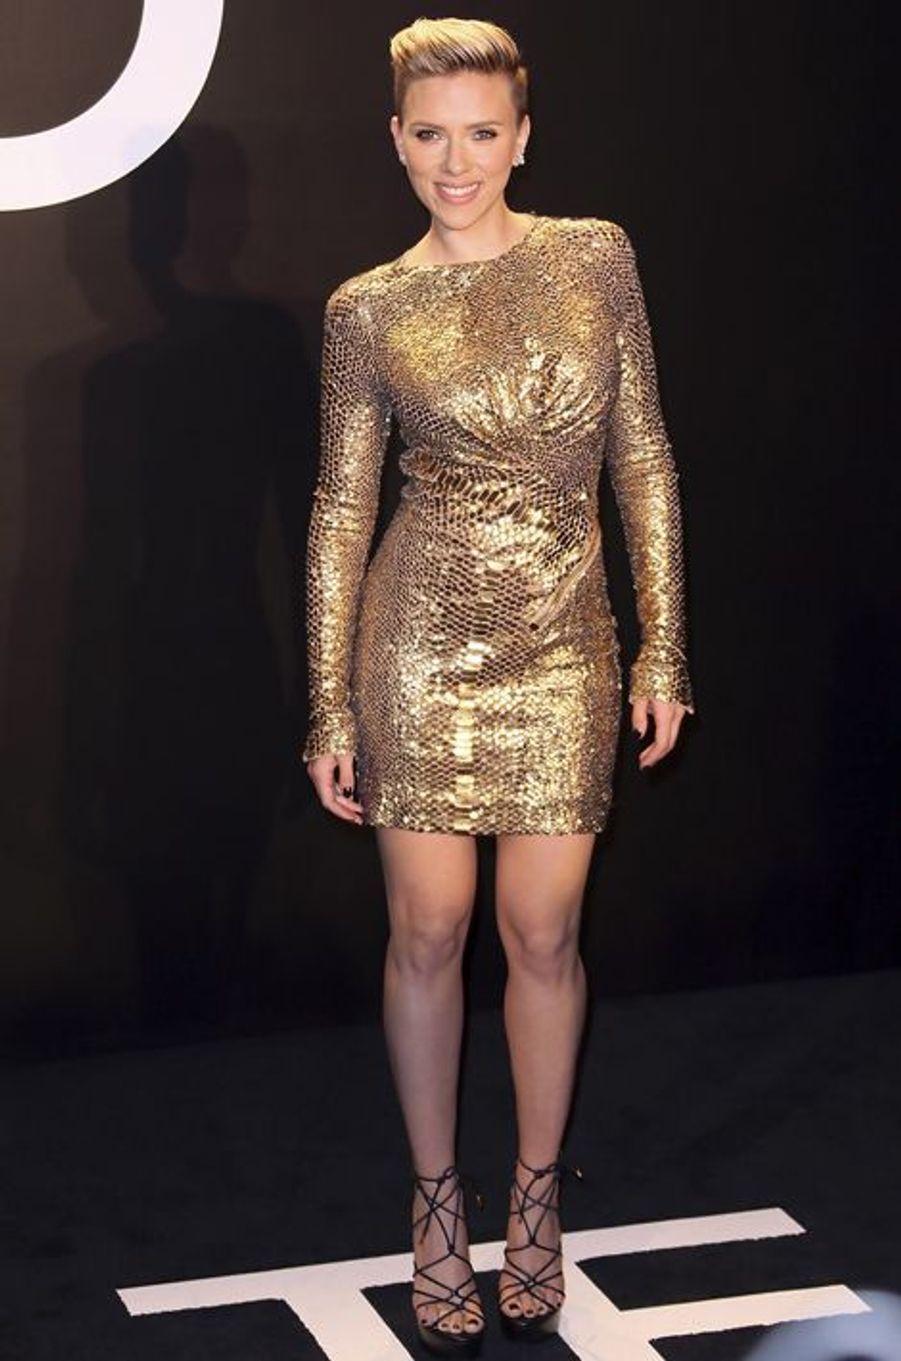 Scarlett Johansson, mariée au journaliste Romain Dauriac. Maman d'une petite Rose Dorothy depuis le 4 septembre 2014